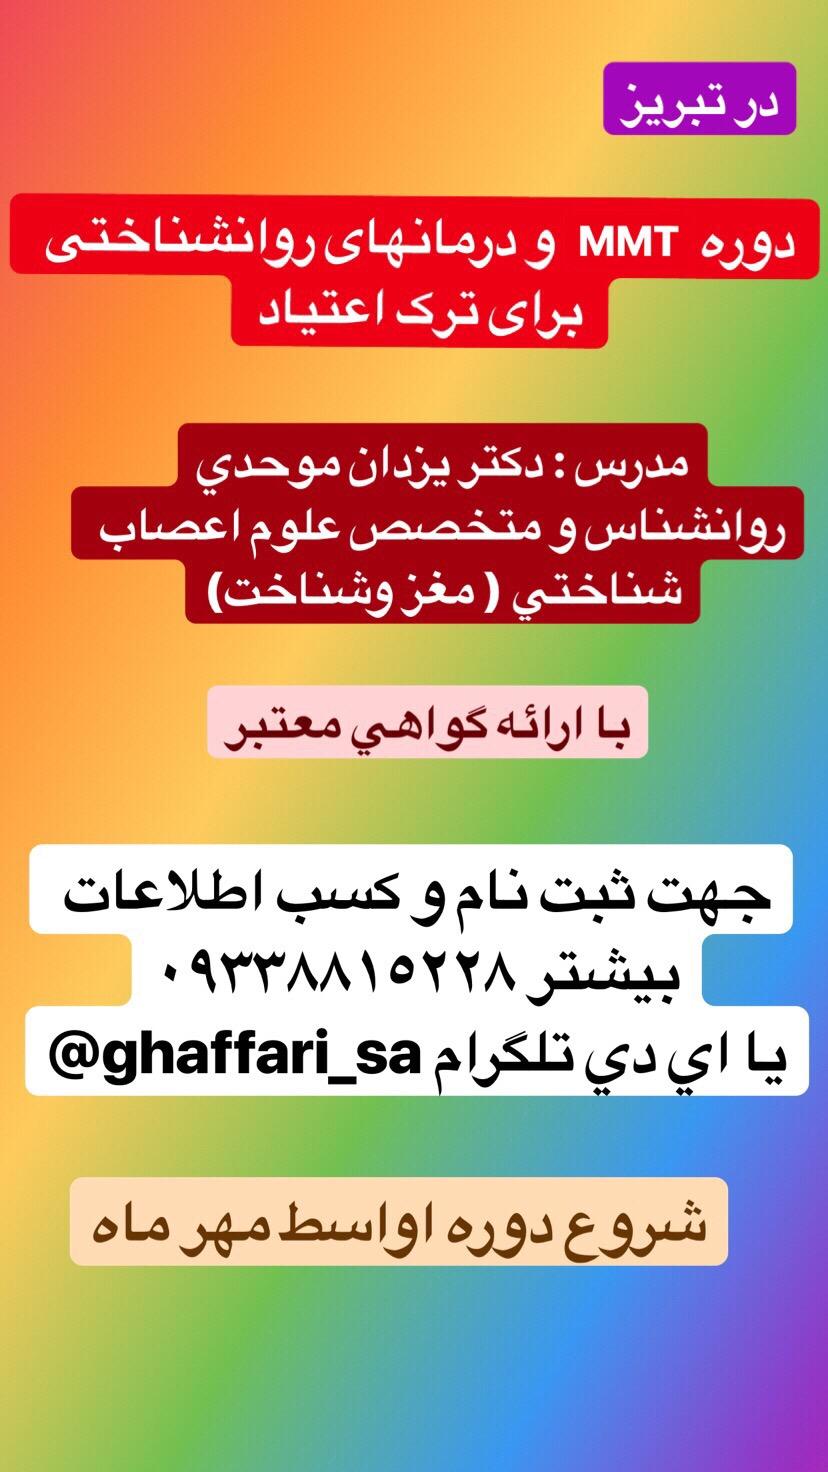 دوره mmt در تبریز